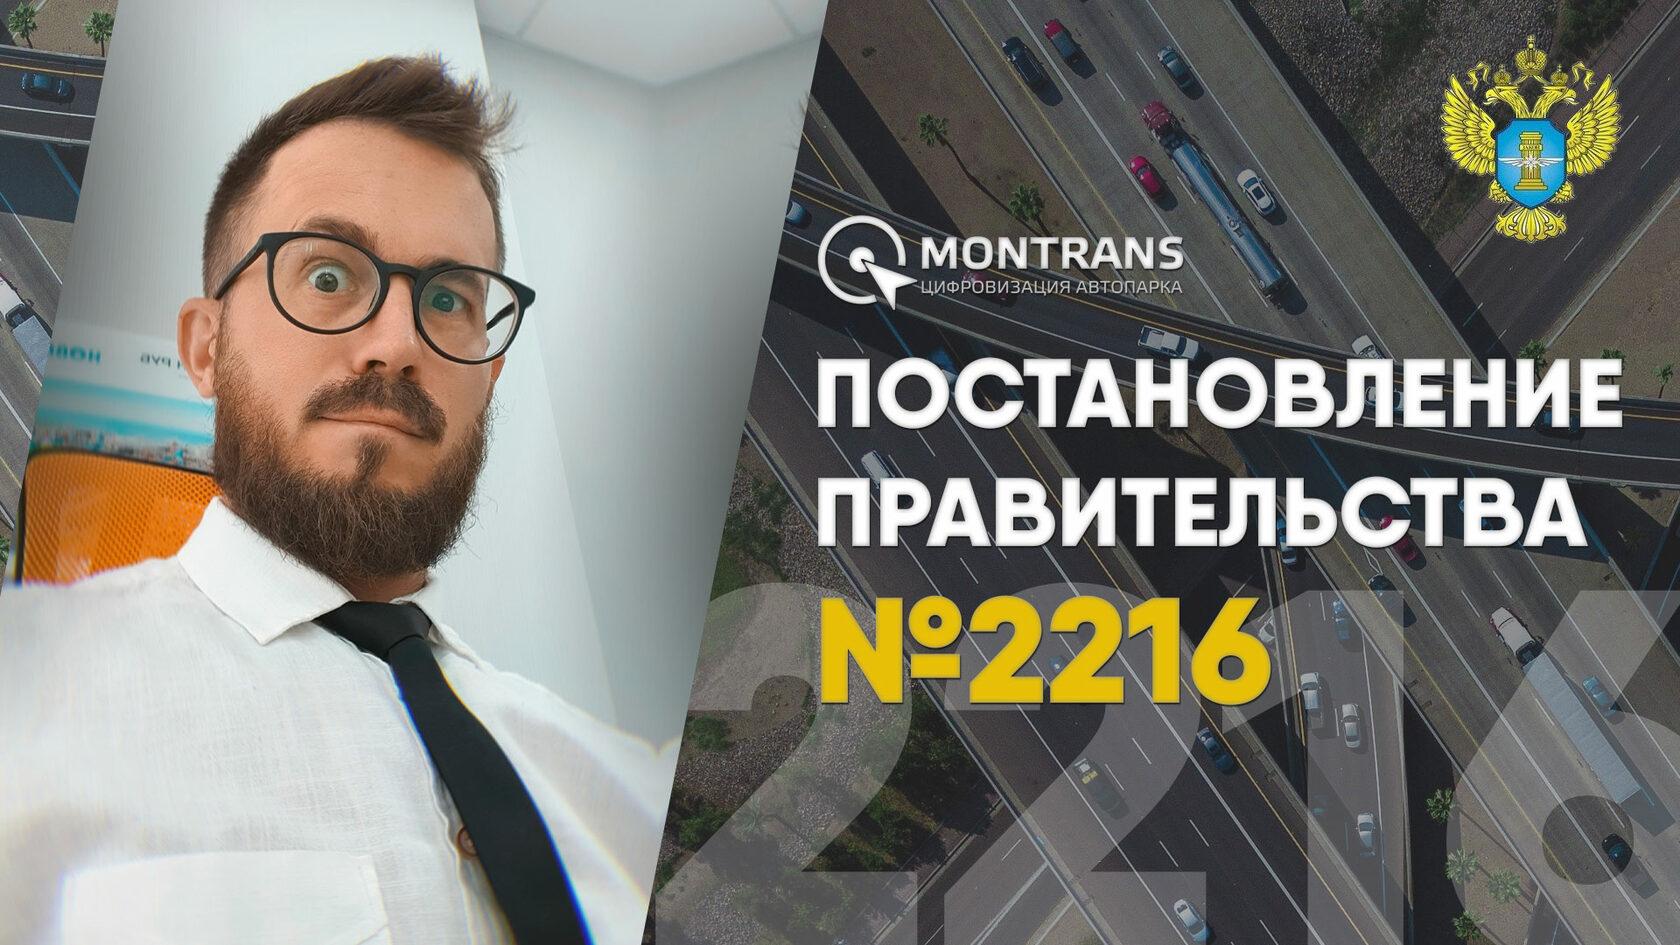 Трекеры АСН ГЛОНАСС под постановление 2216